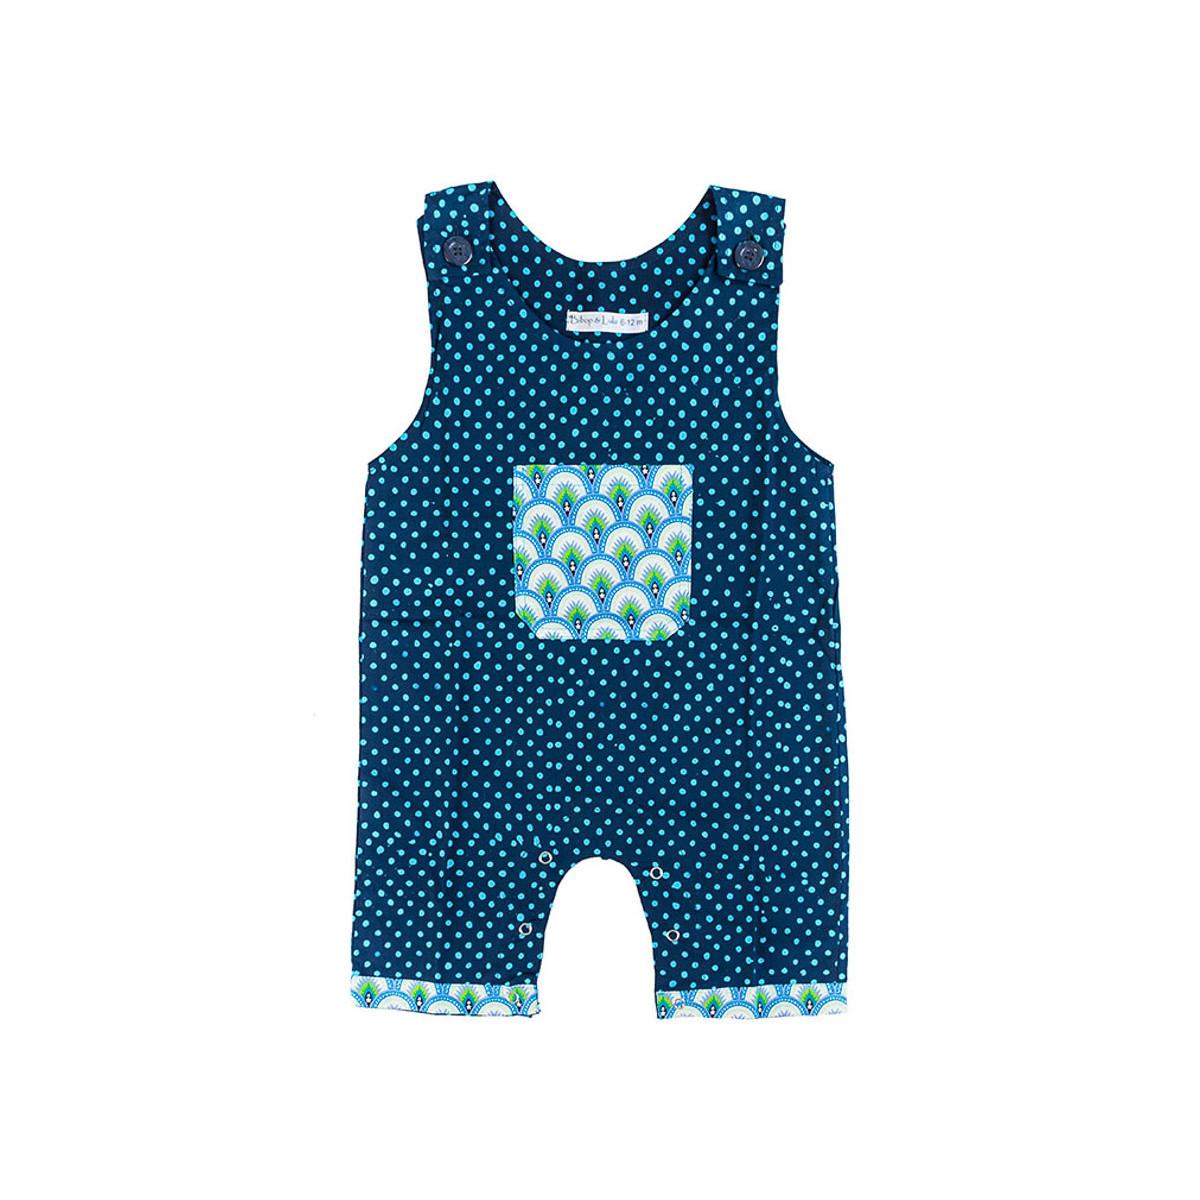 Barboteuse salopette coton bébé 0-18 mois bleu à pois